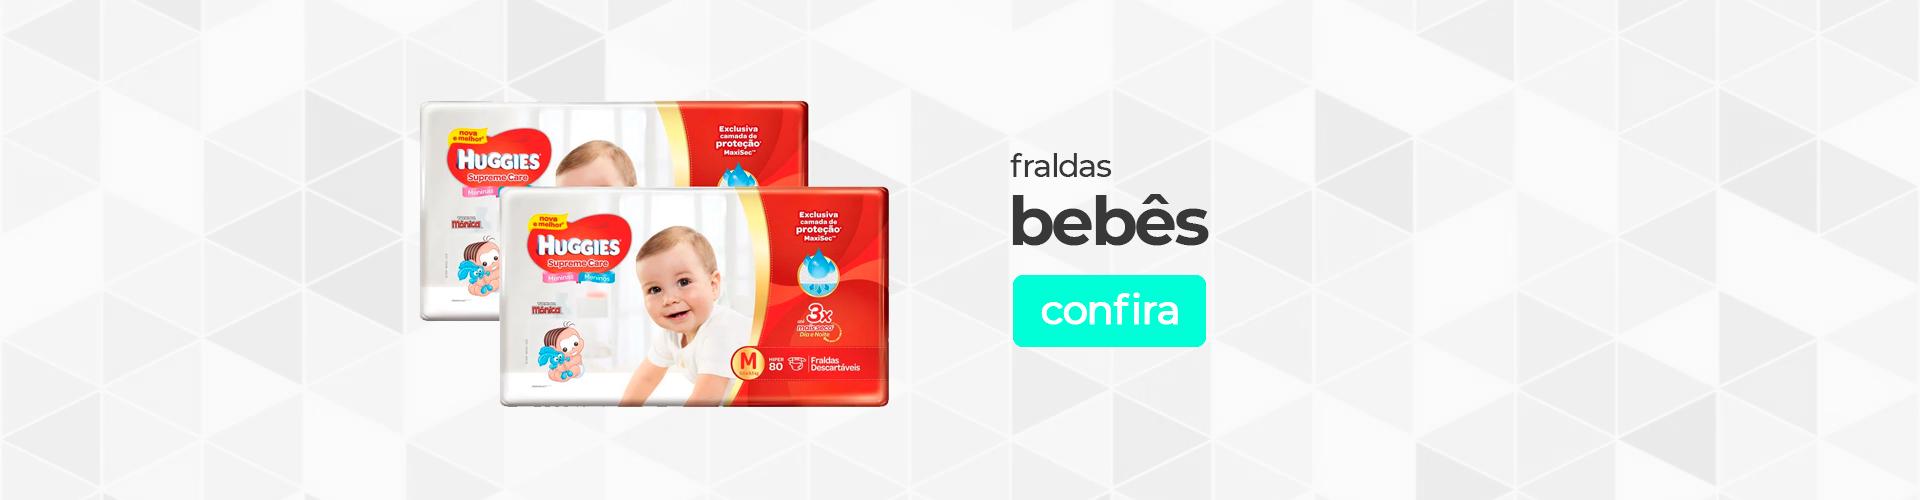 Full banner1: Fraldas bebês